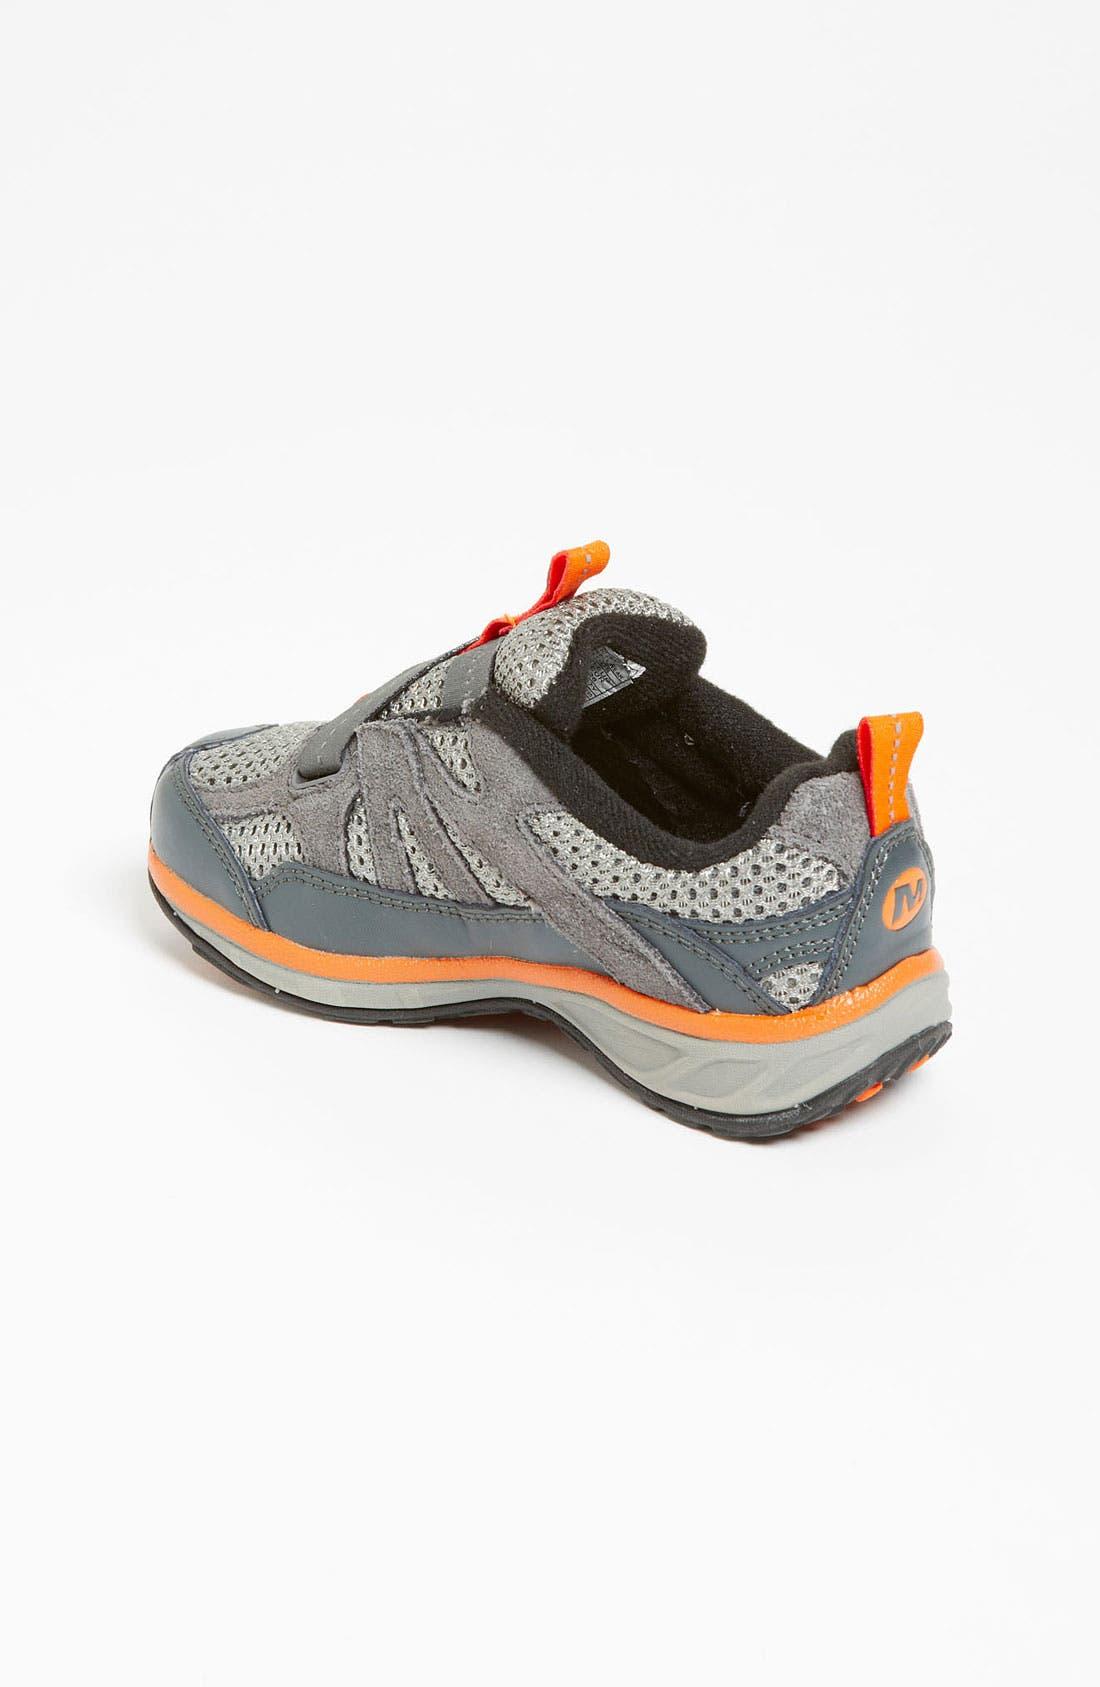 Alternate Image 2  - Merrell 'Zoomerang' Sneaker (Toddler, Little Kid & Big Kid)